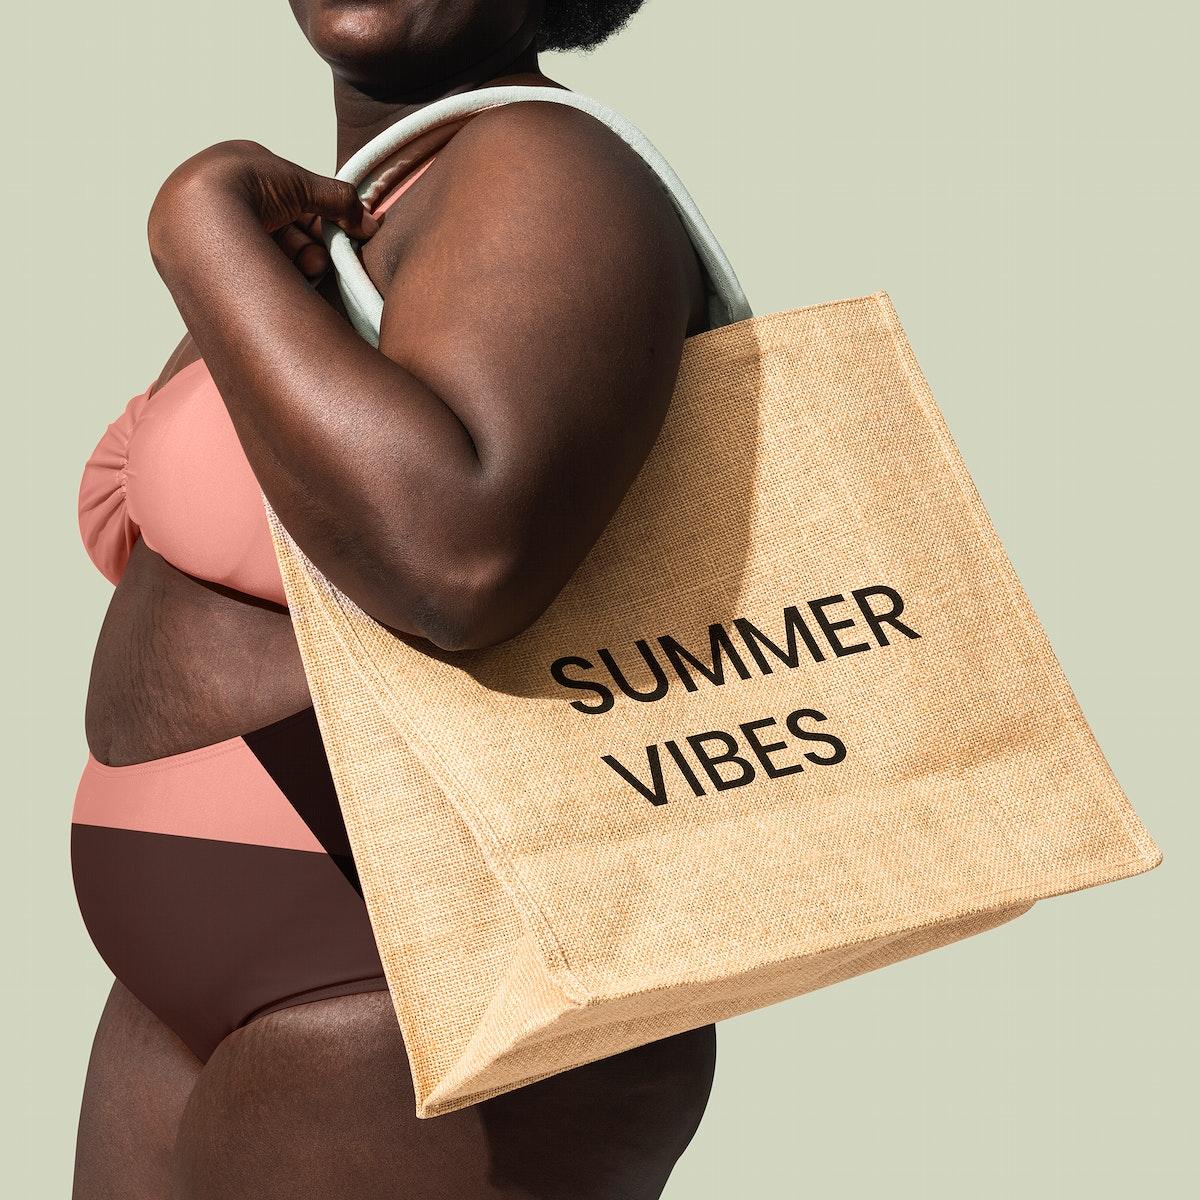 Tote bag mockup psd summer vibes text